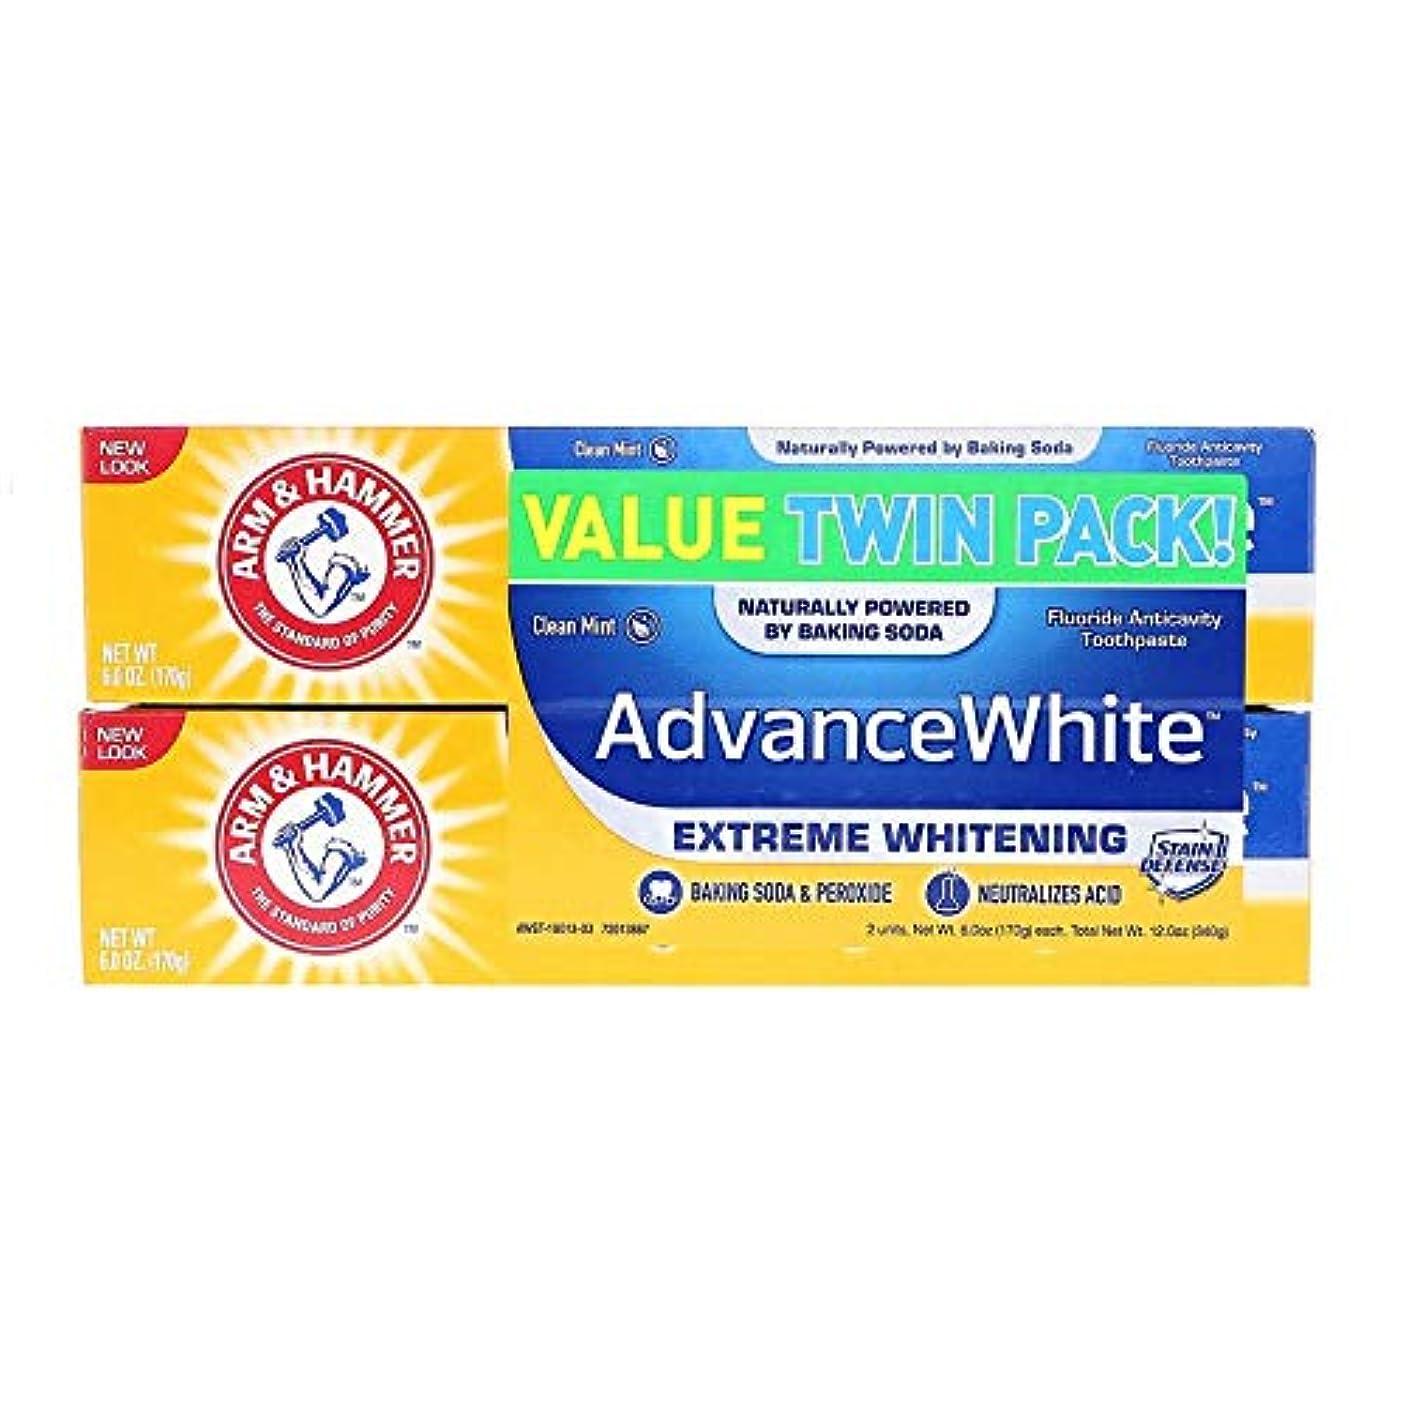 磁器ビットモノグラフArm & Hammer アーム&ハマー アドバンス ホワイト 歯磨き粉 8個パック Toothpaste with Baking Soda & Peroxide